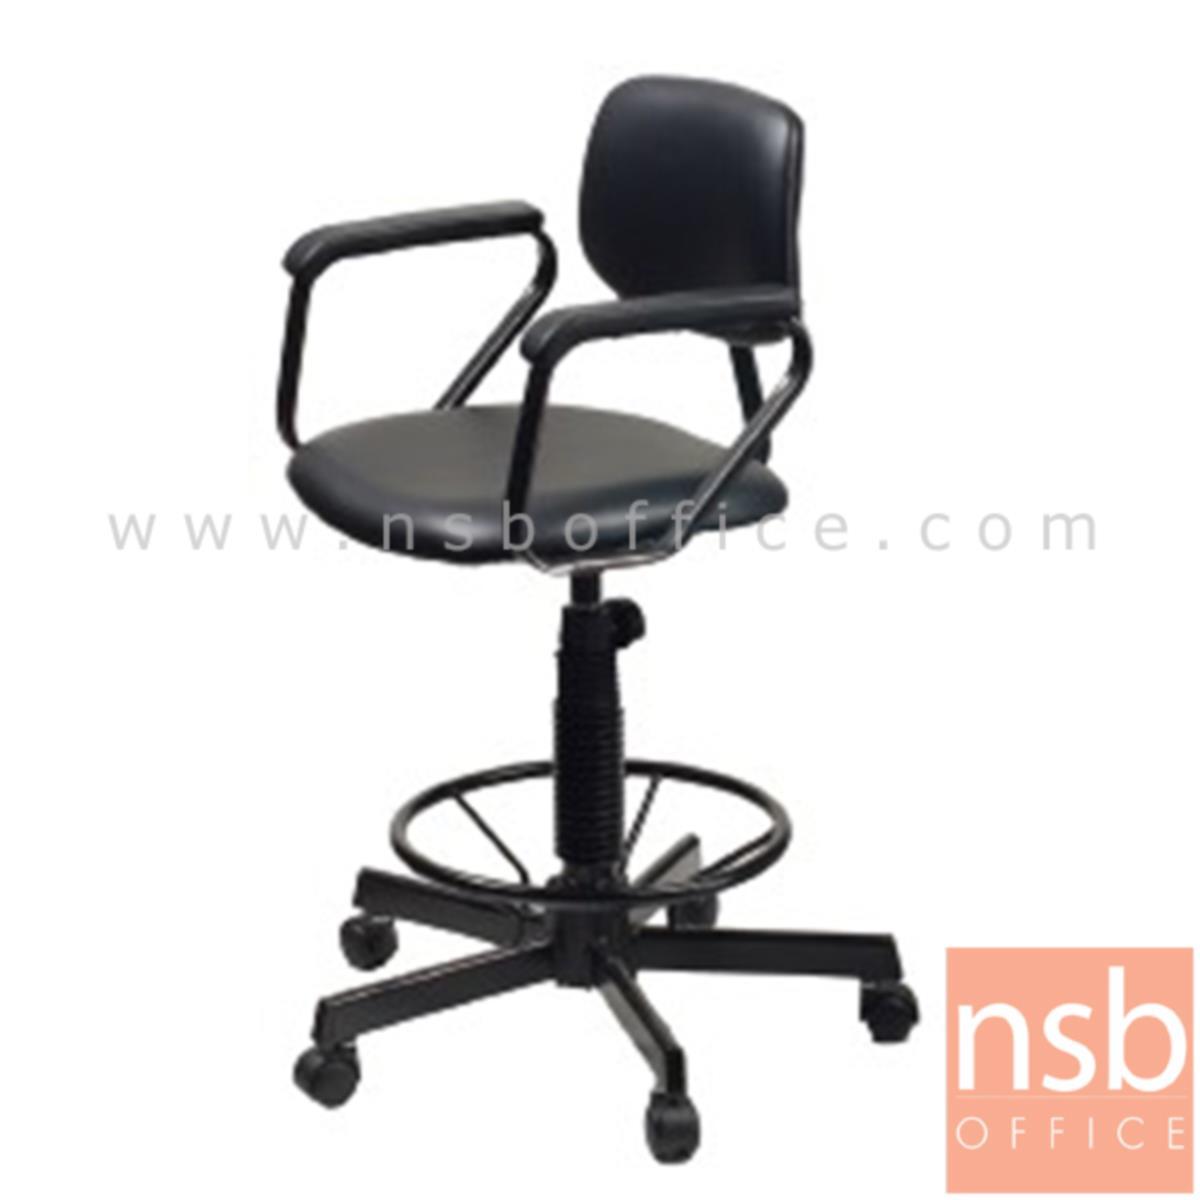 B02A094:เก้าอี้บาร์ รุ่น Home (โฮม) ยี่ห้อลัคกี้ ขาเหล็ก ล้อเลื่อน